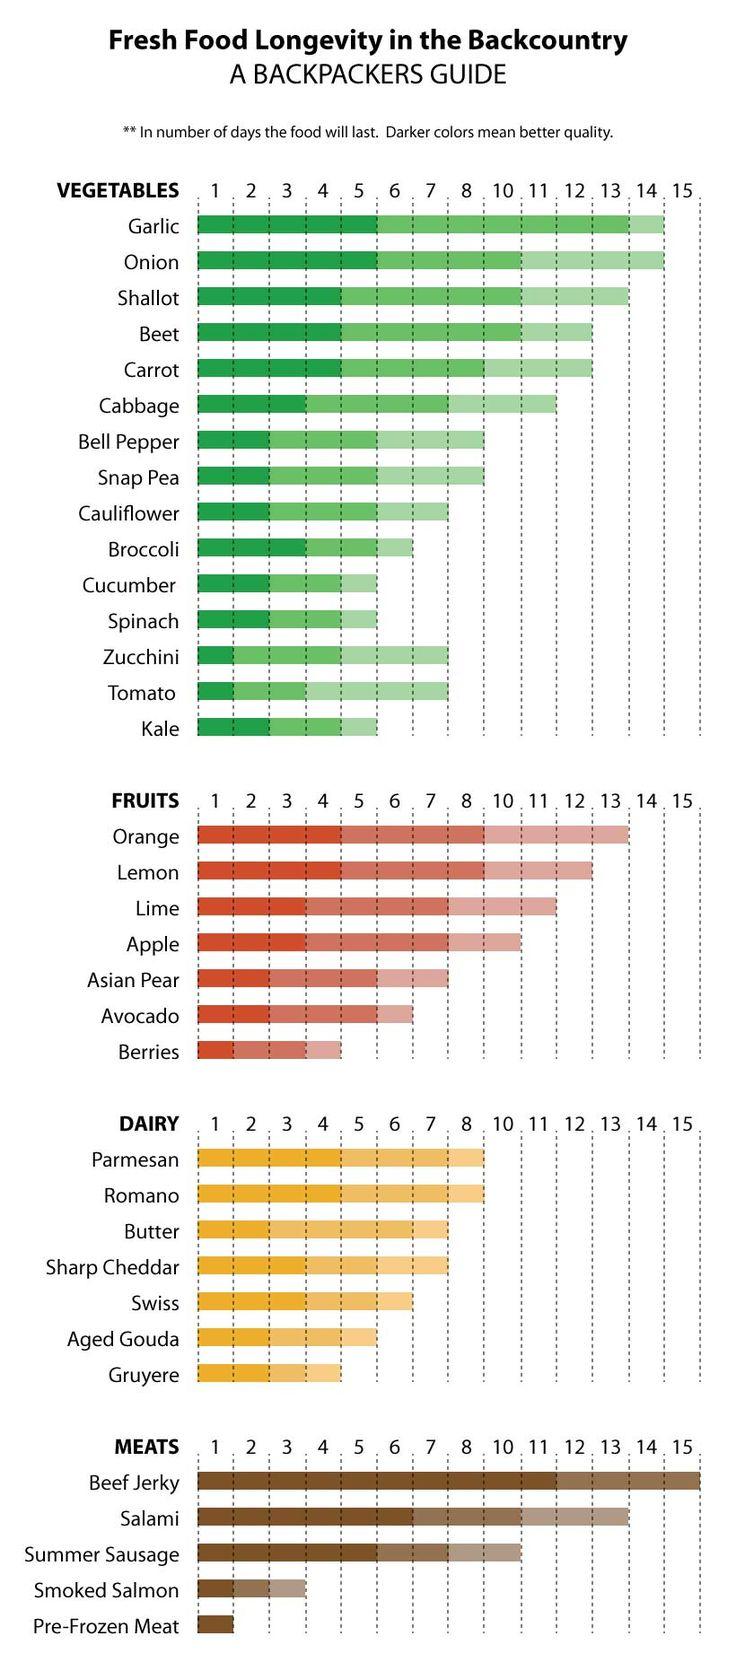 Balancing calorically dense vs fresh food hiking food